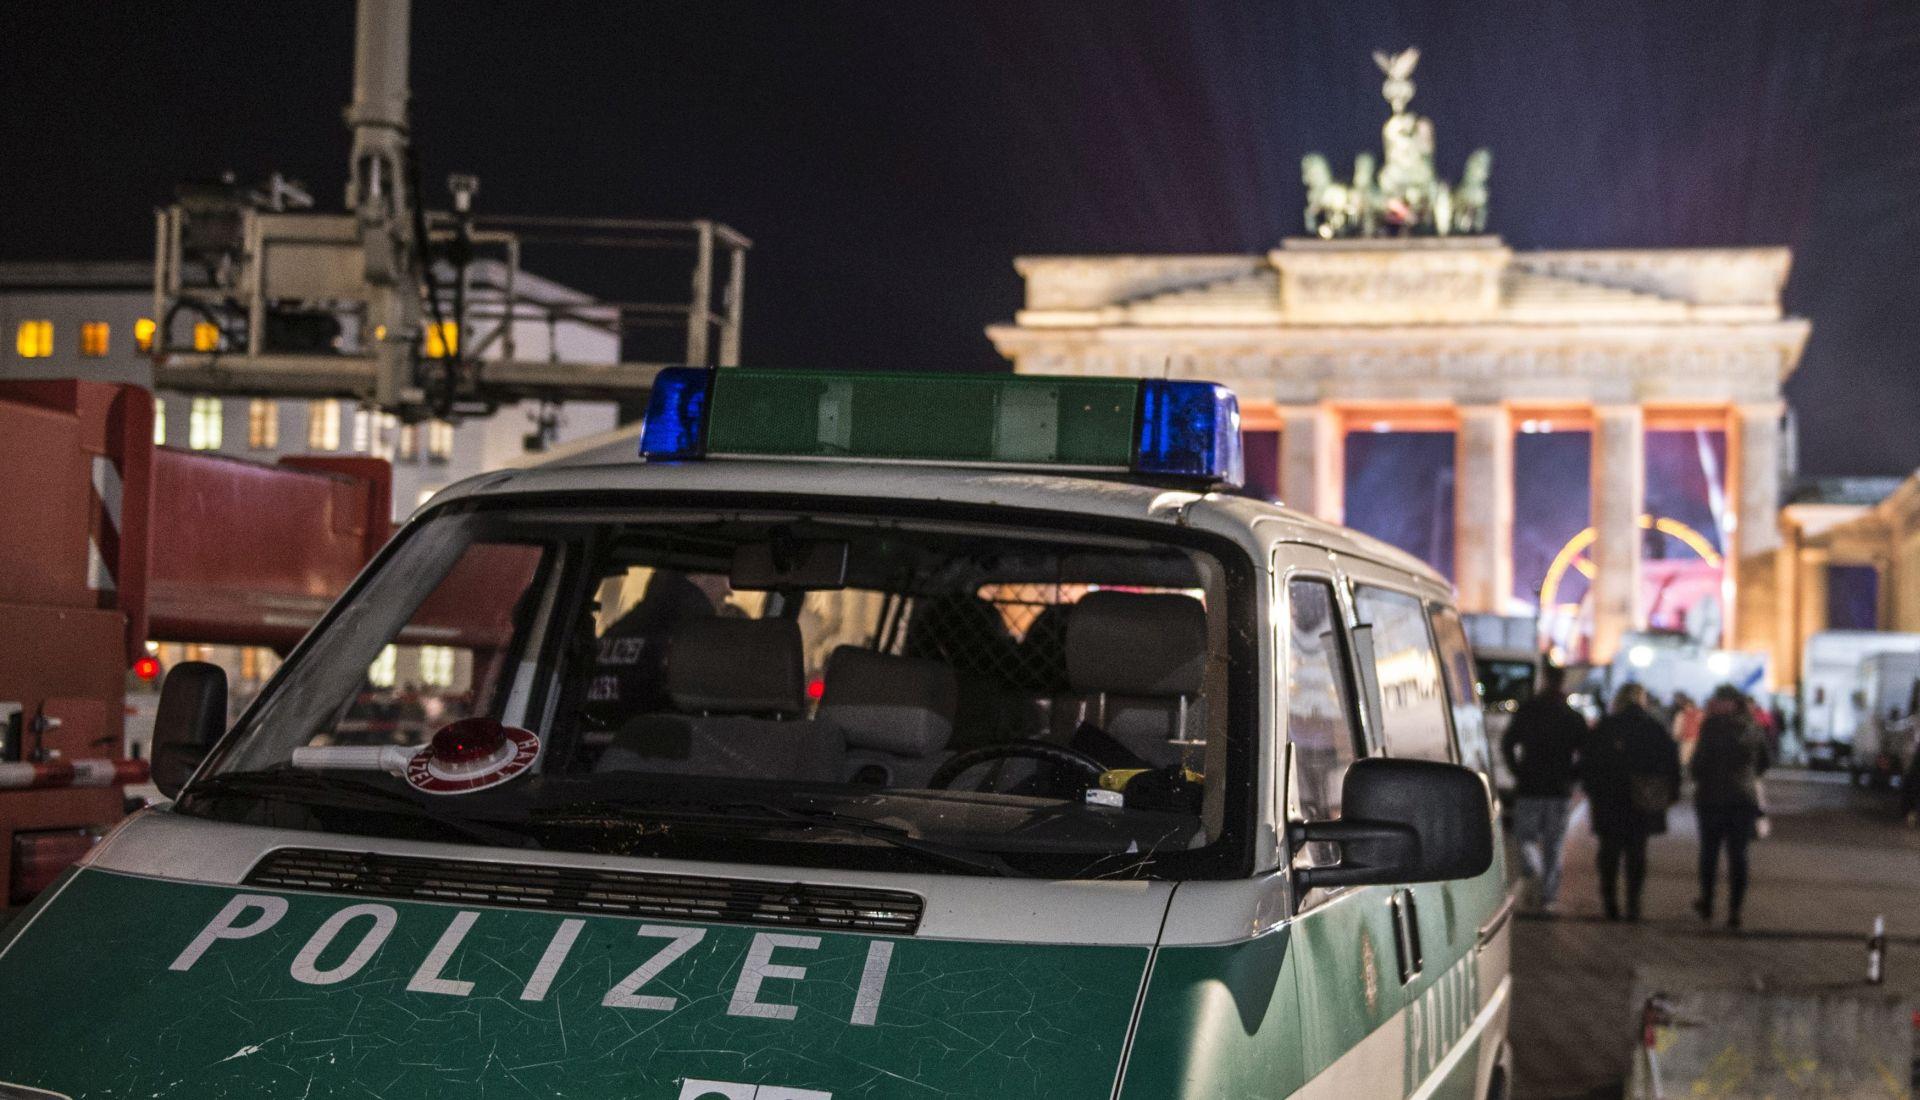 Nakon napada u Berlinu pooštravaju se njemački sigurnosni zakoni